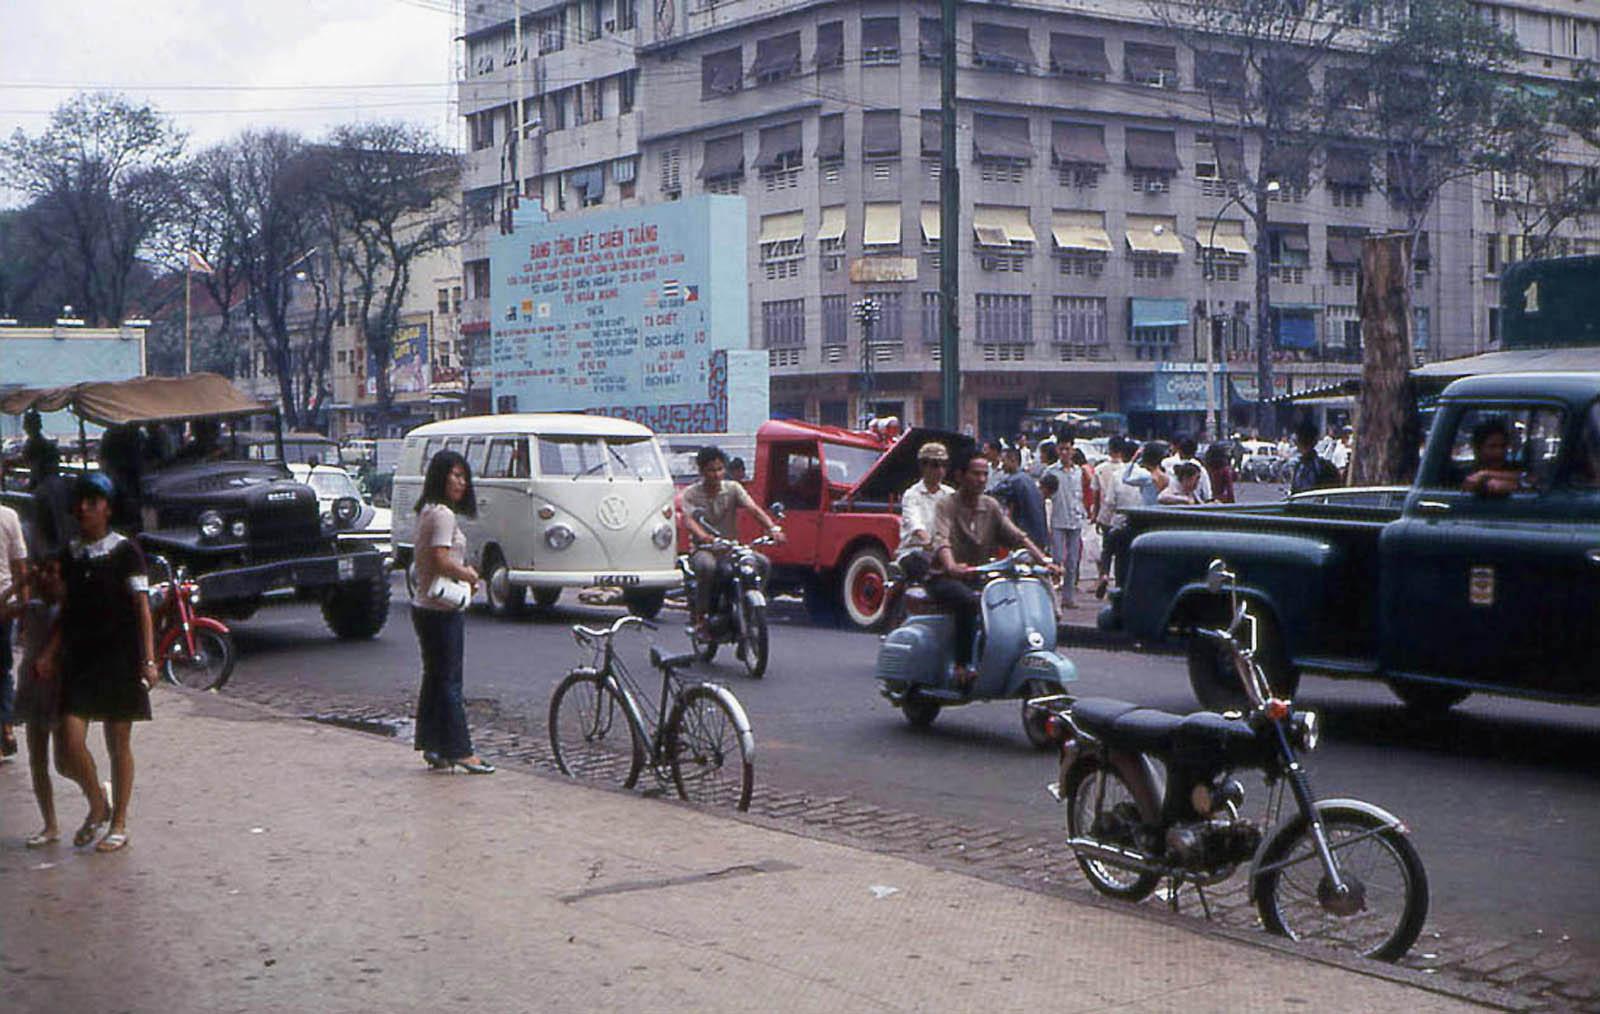 Sài Gòn năm 1968 trong ảnh của John F. Cordova